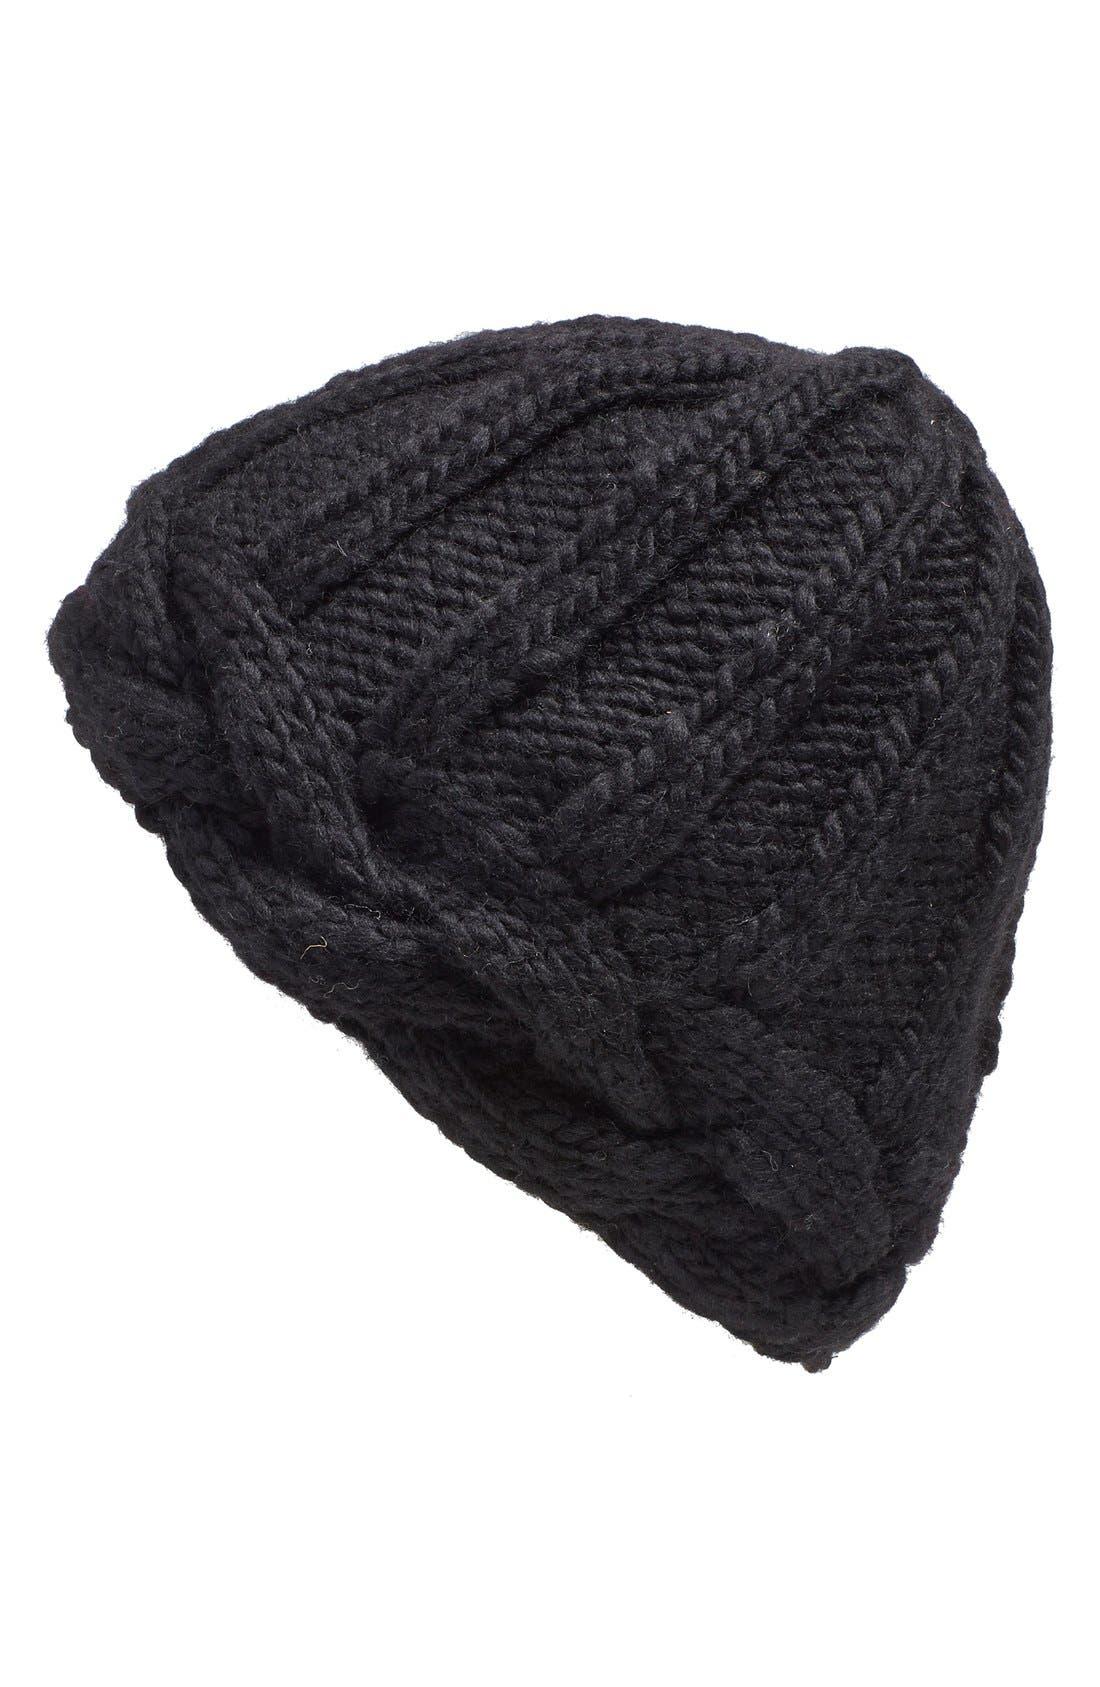 Main Image - Nirvanna Designs Braided Edge Knit Beanie